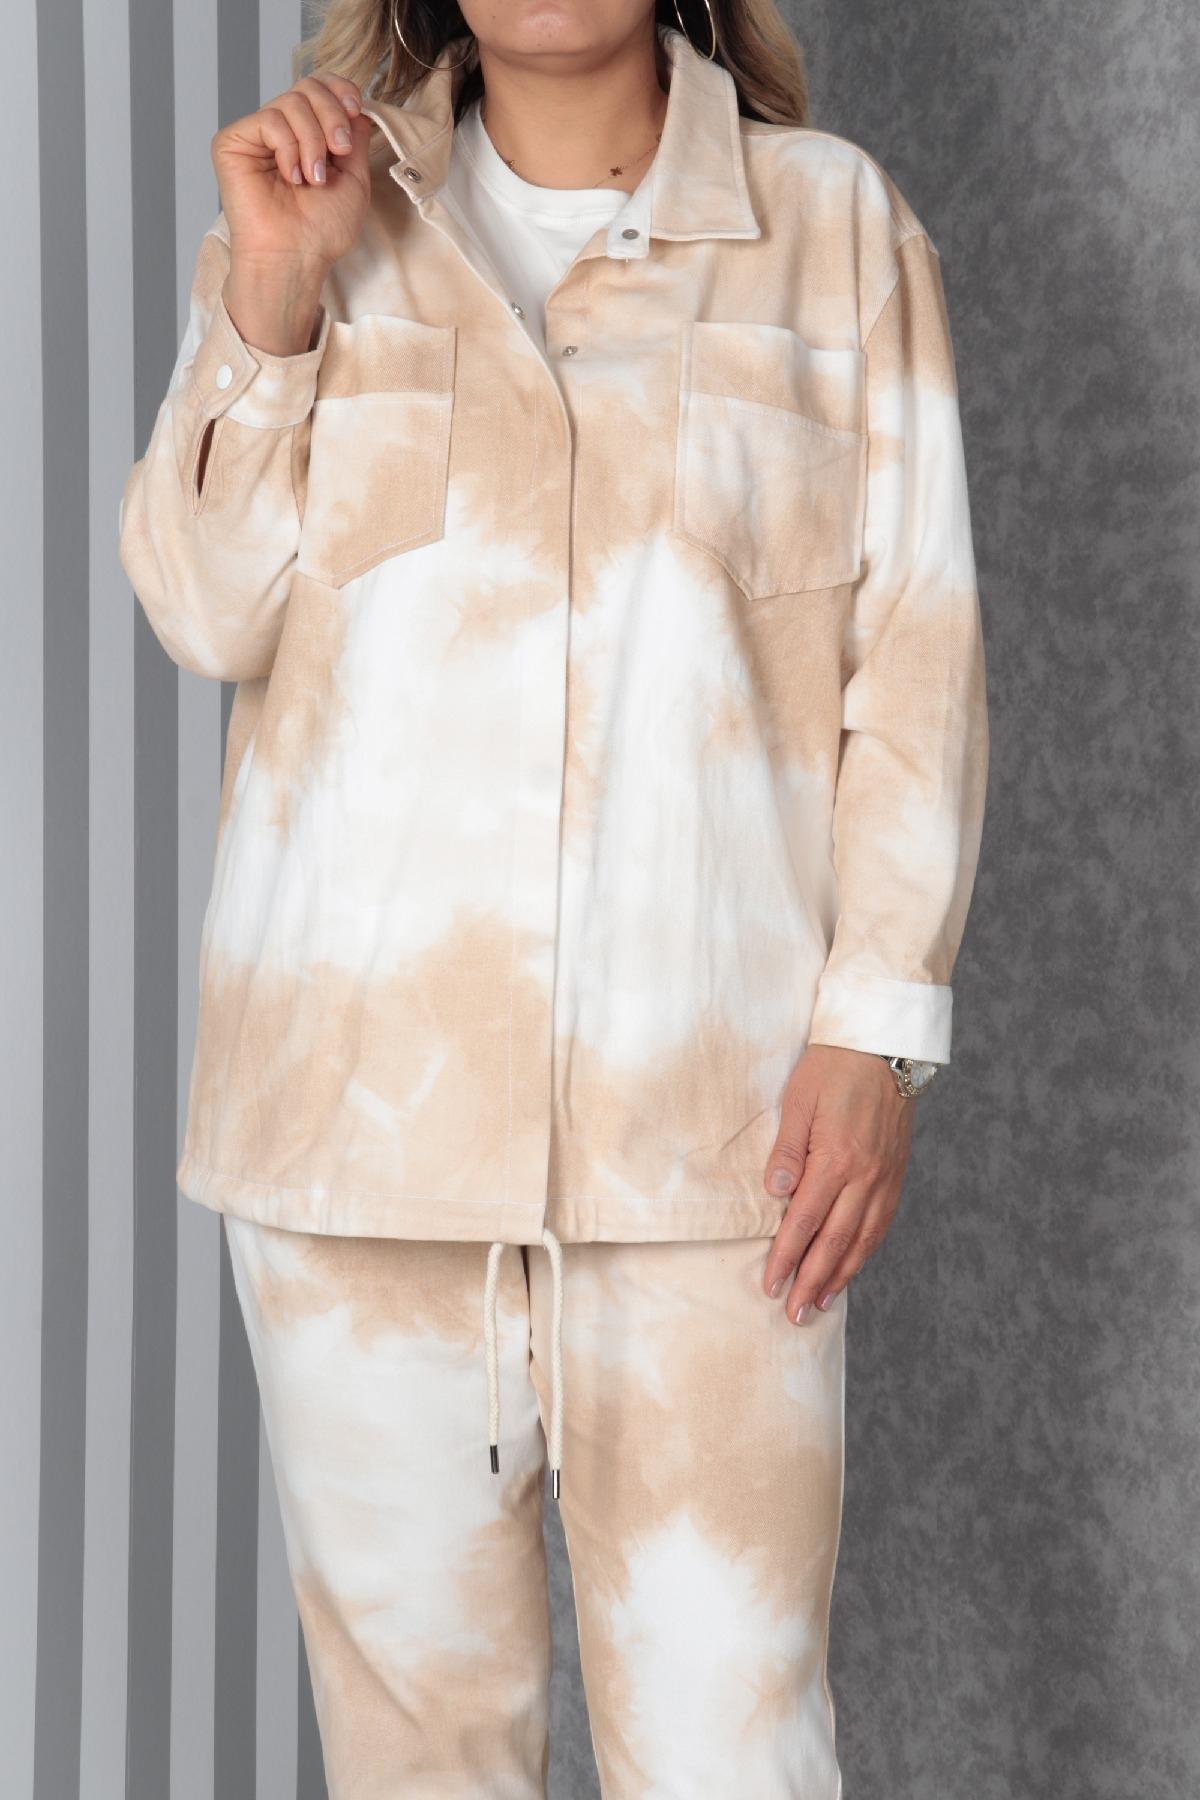 Women's 3 Piece Suits-Mink